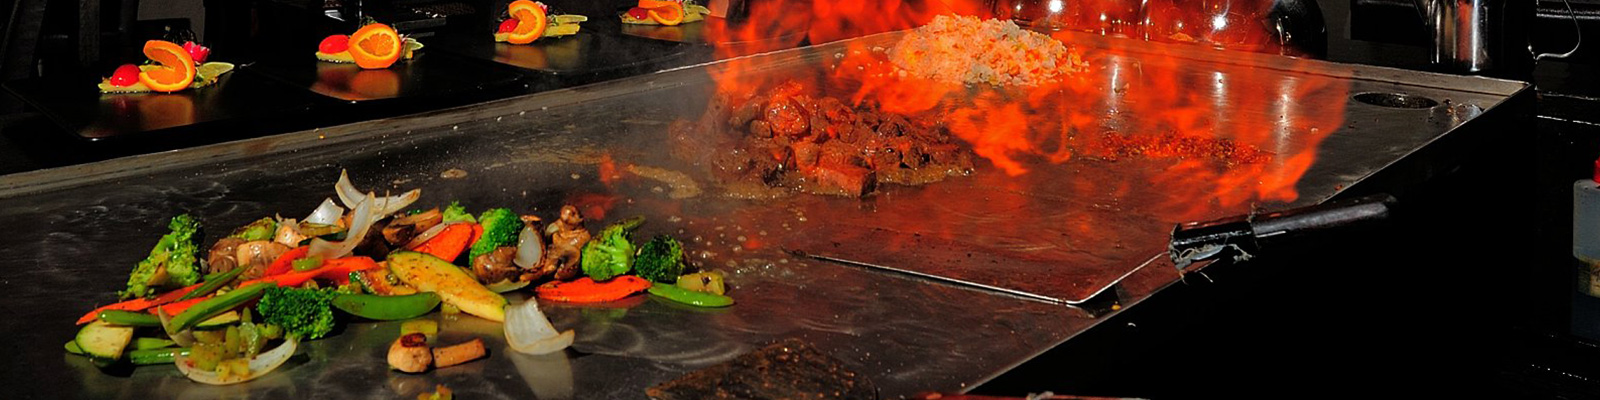 osaka-sushi-restaurant-bonaire-slider-image-6